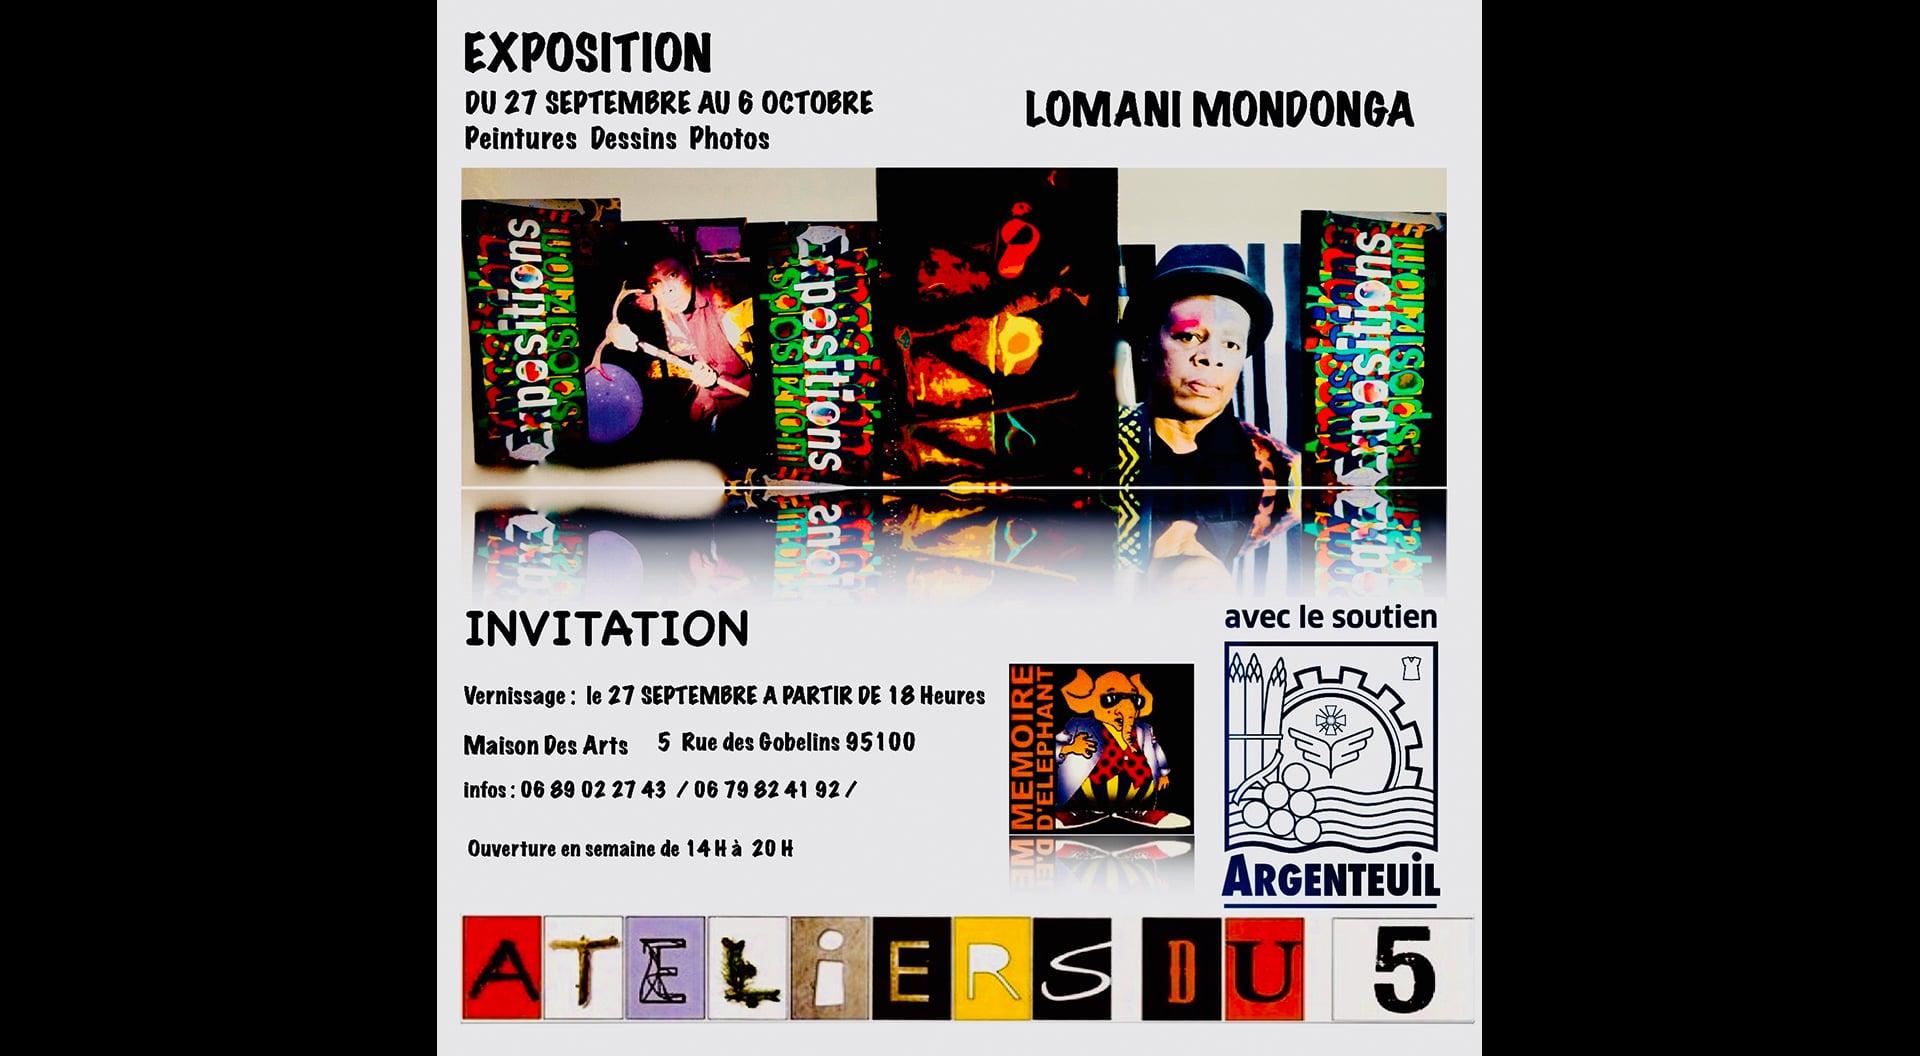 Exposition Lomani MONDONGA du 27 septembre au 6 octobre 2018